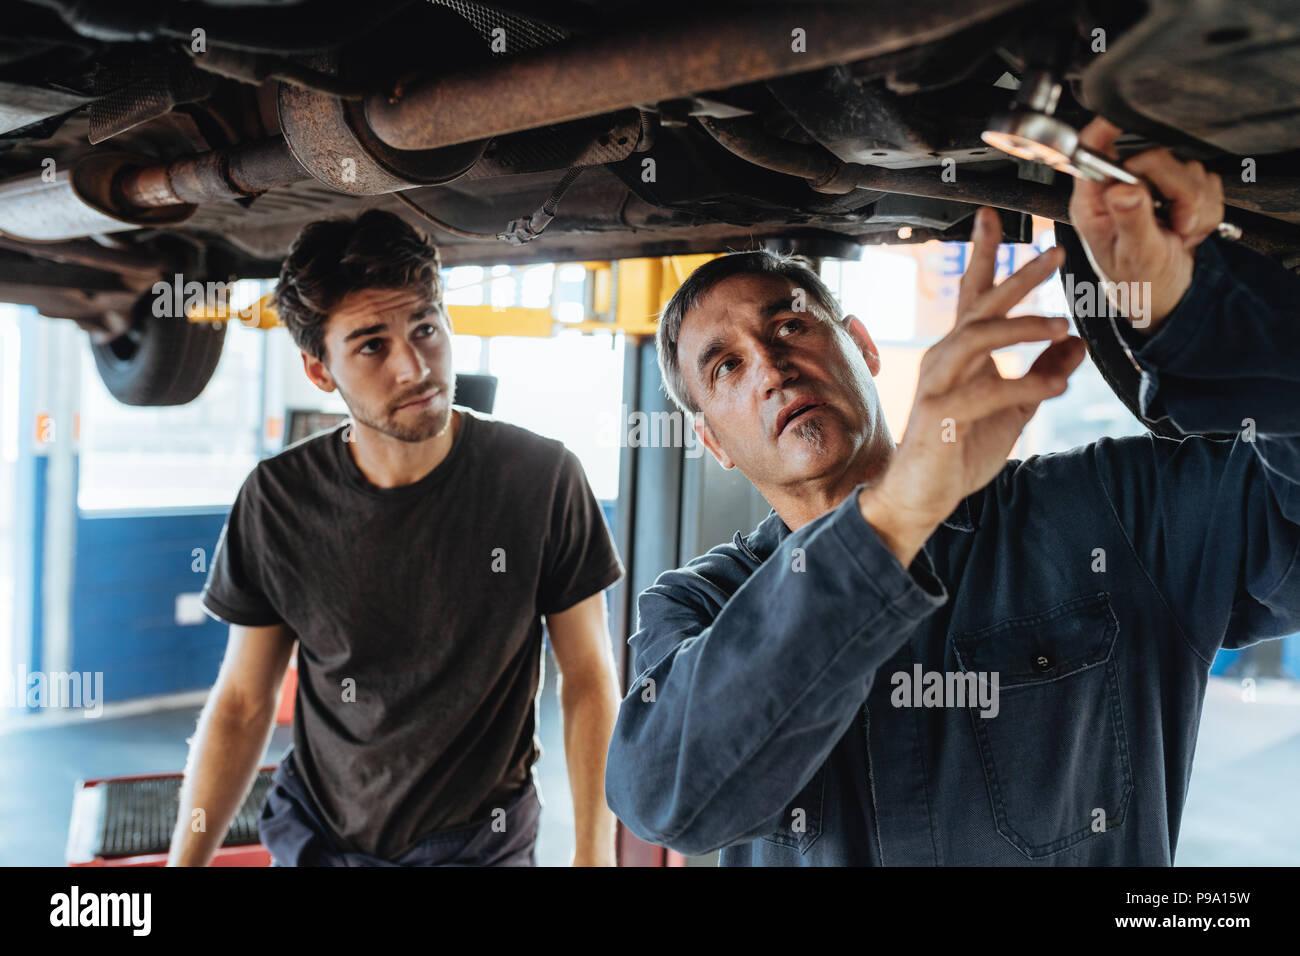 Reife männliche Mechaniker diskutieren und etwas unter das Auto zu Kollegen. Mechaniker und männlichen Auszubildenden unter Auto zusammen arbeiten Stockbild